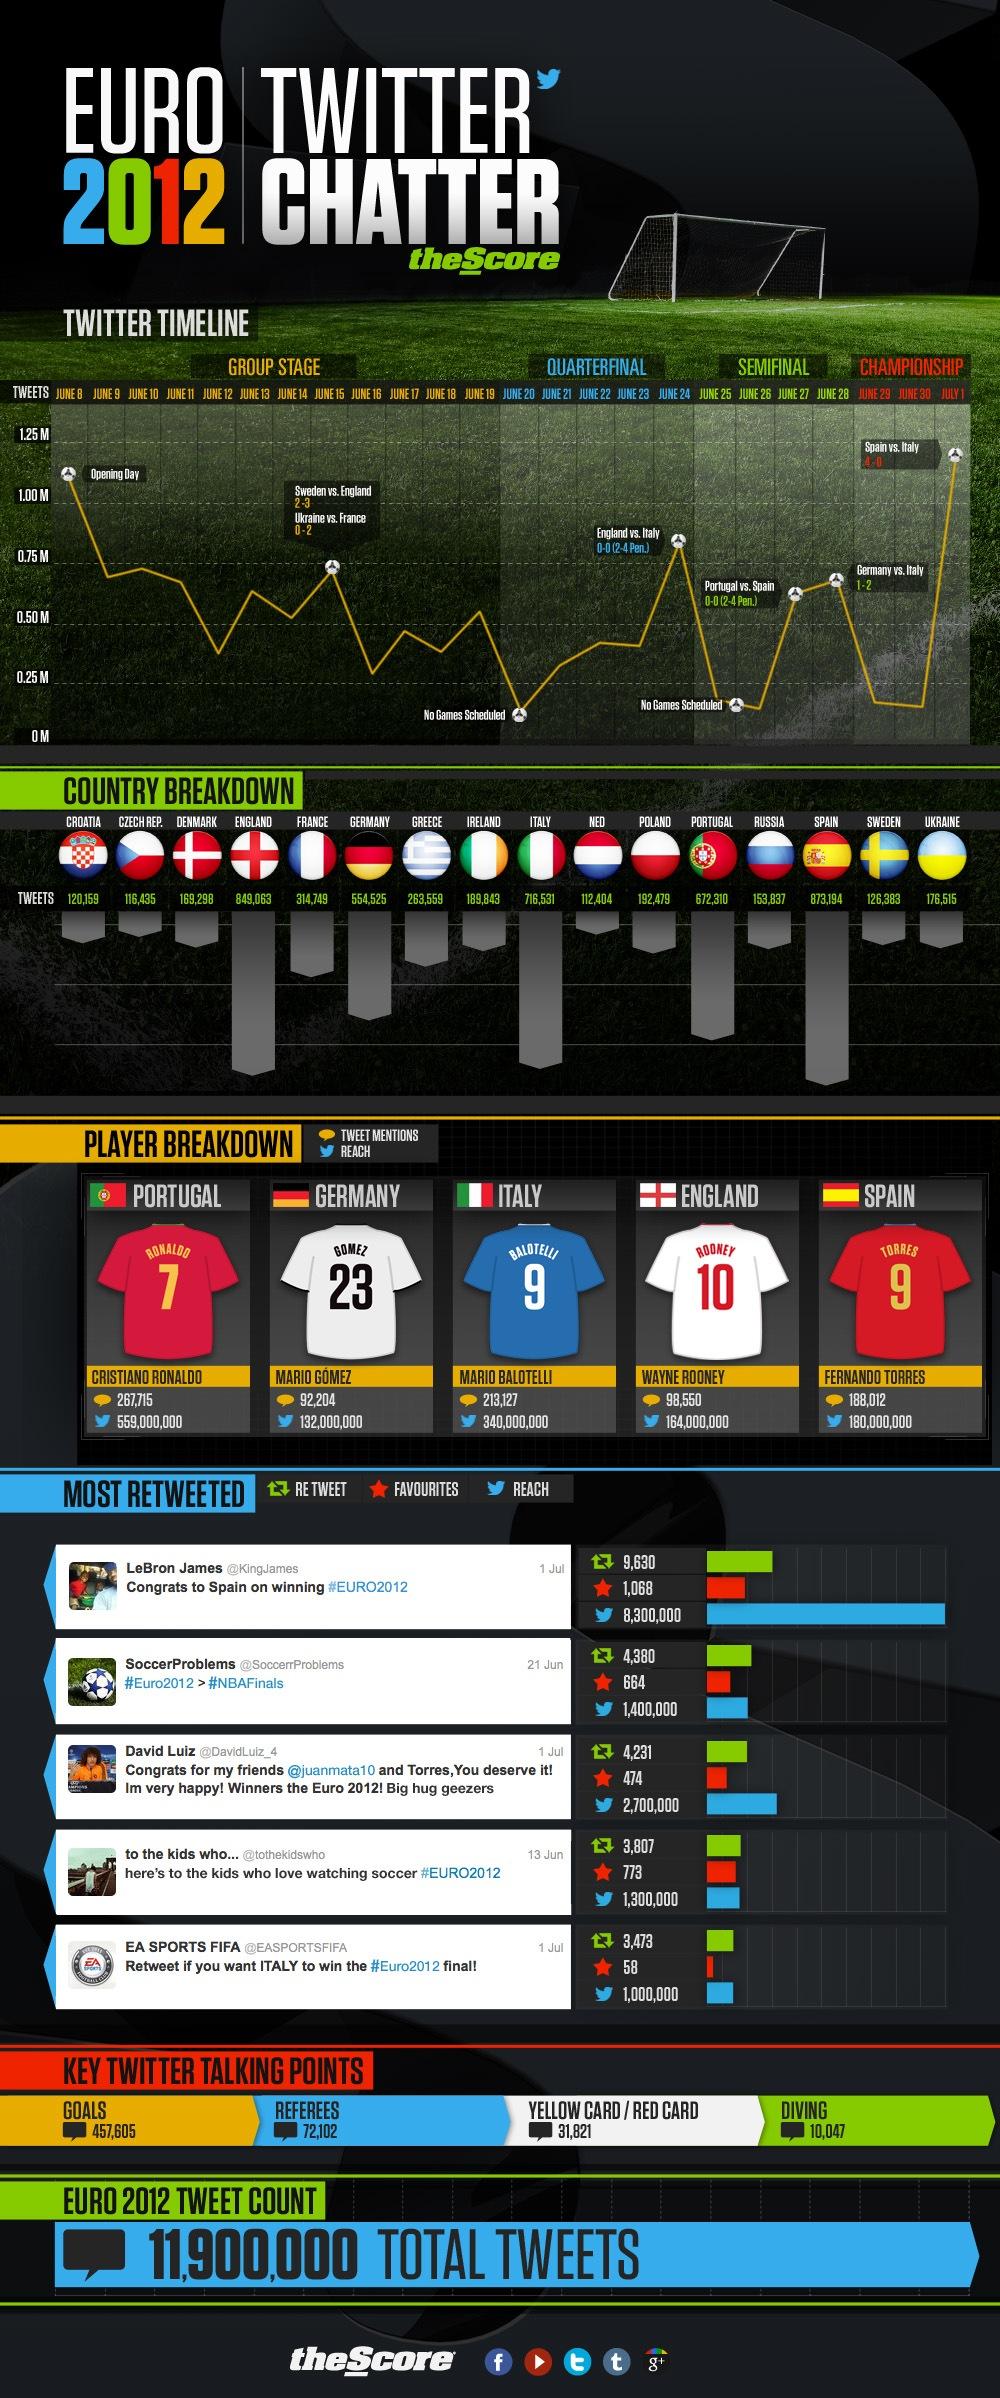 Euro 2012 on Twitter